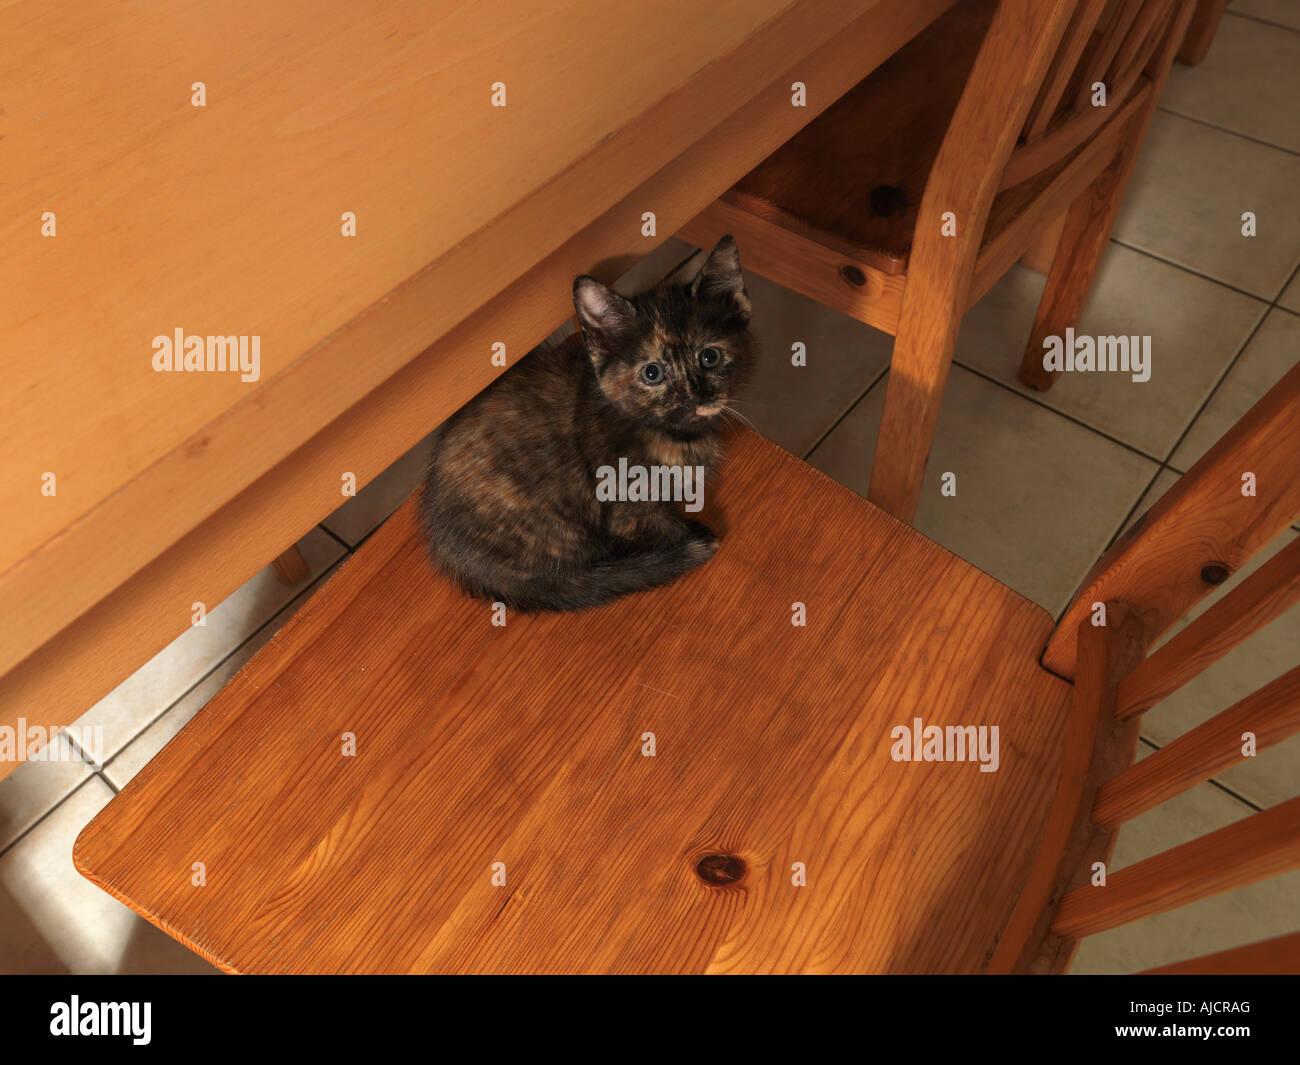 Small Tortoiseshell Kitten in the Kitchen - Stock Image